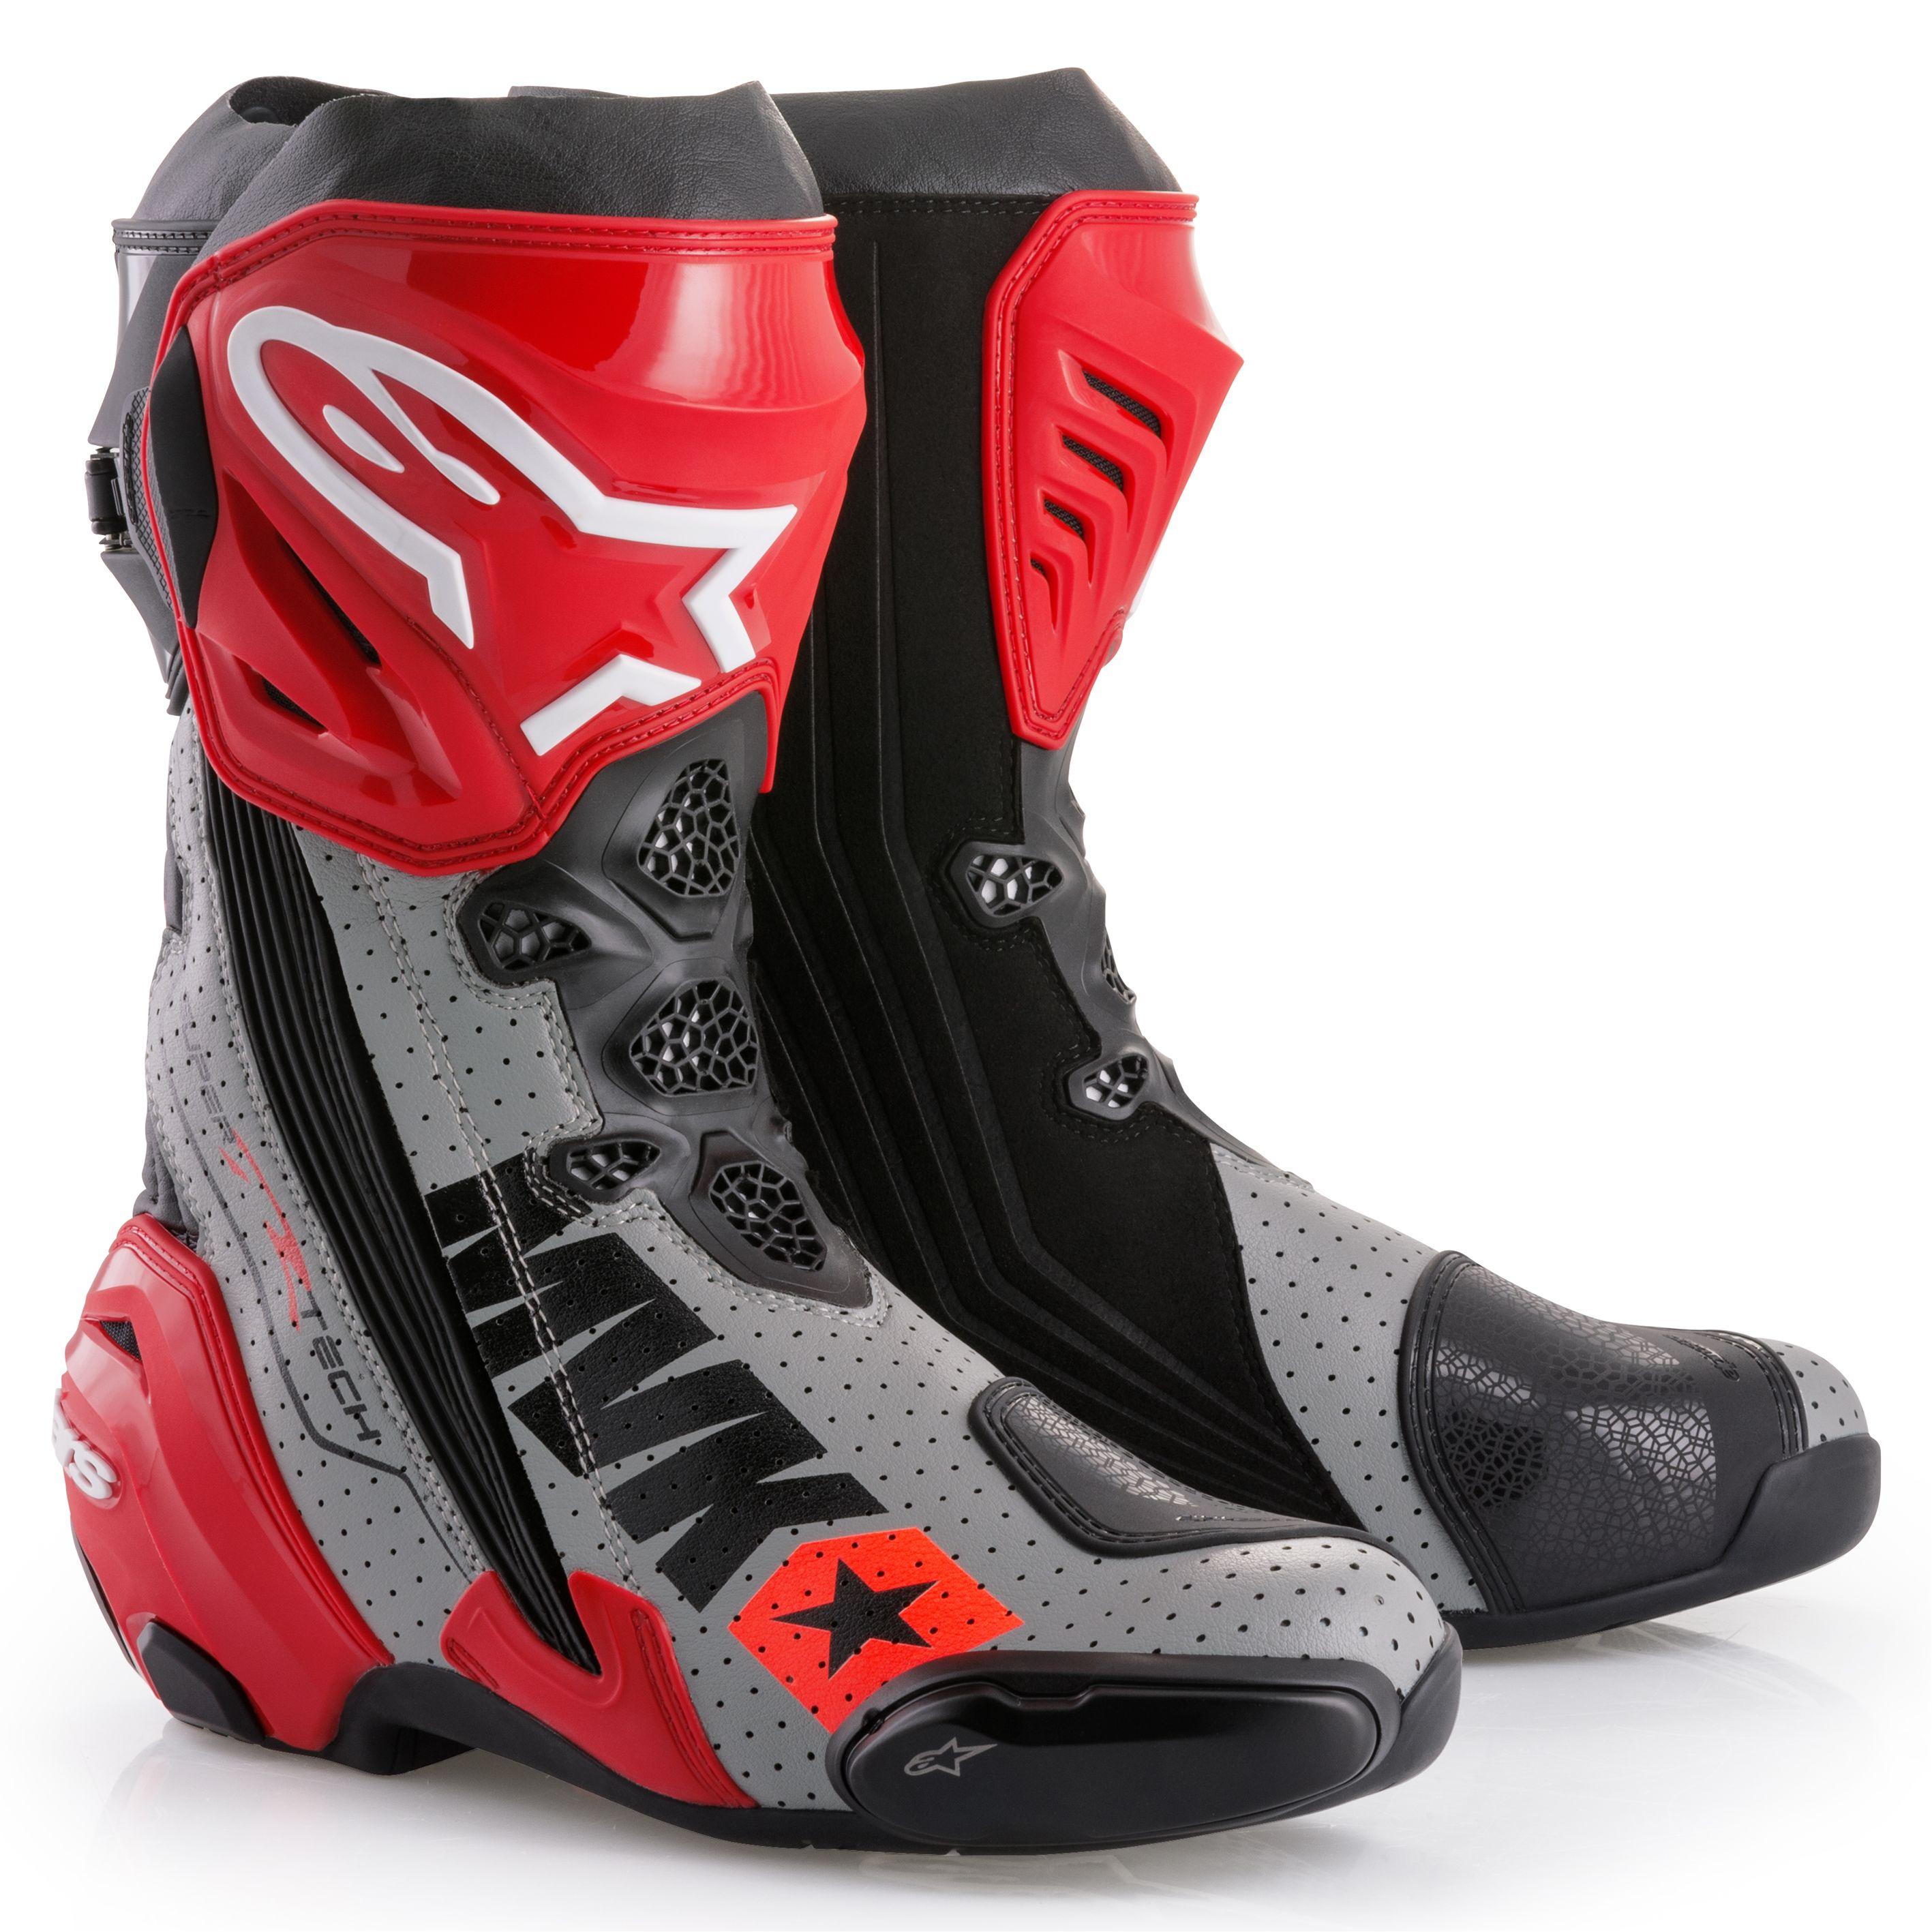 Bottes Alpinestars Supertech R Vented Edition Limit 233 E